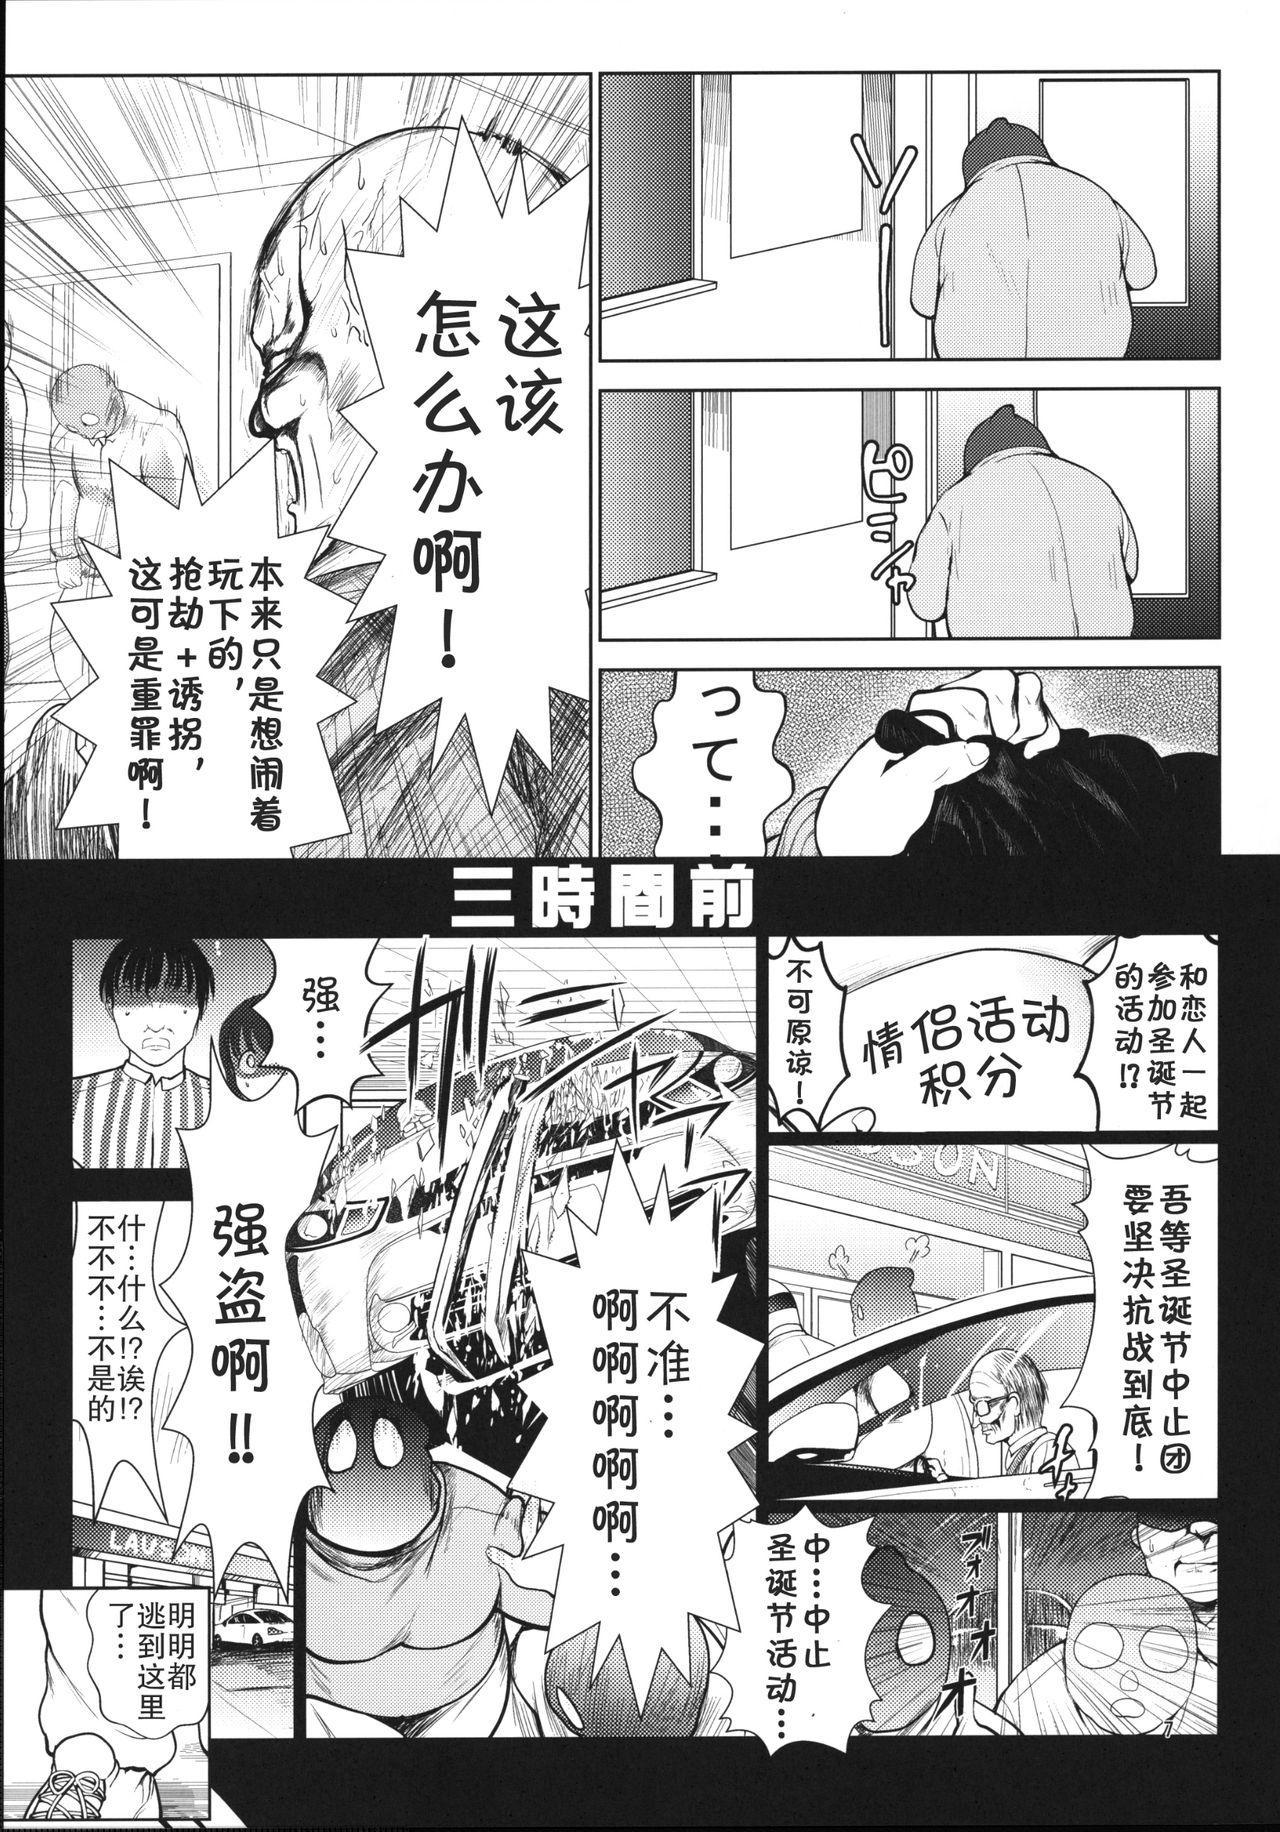 Ryoujoku no Houkago 6